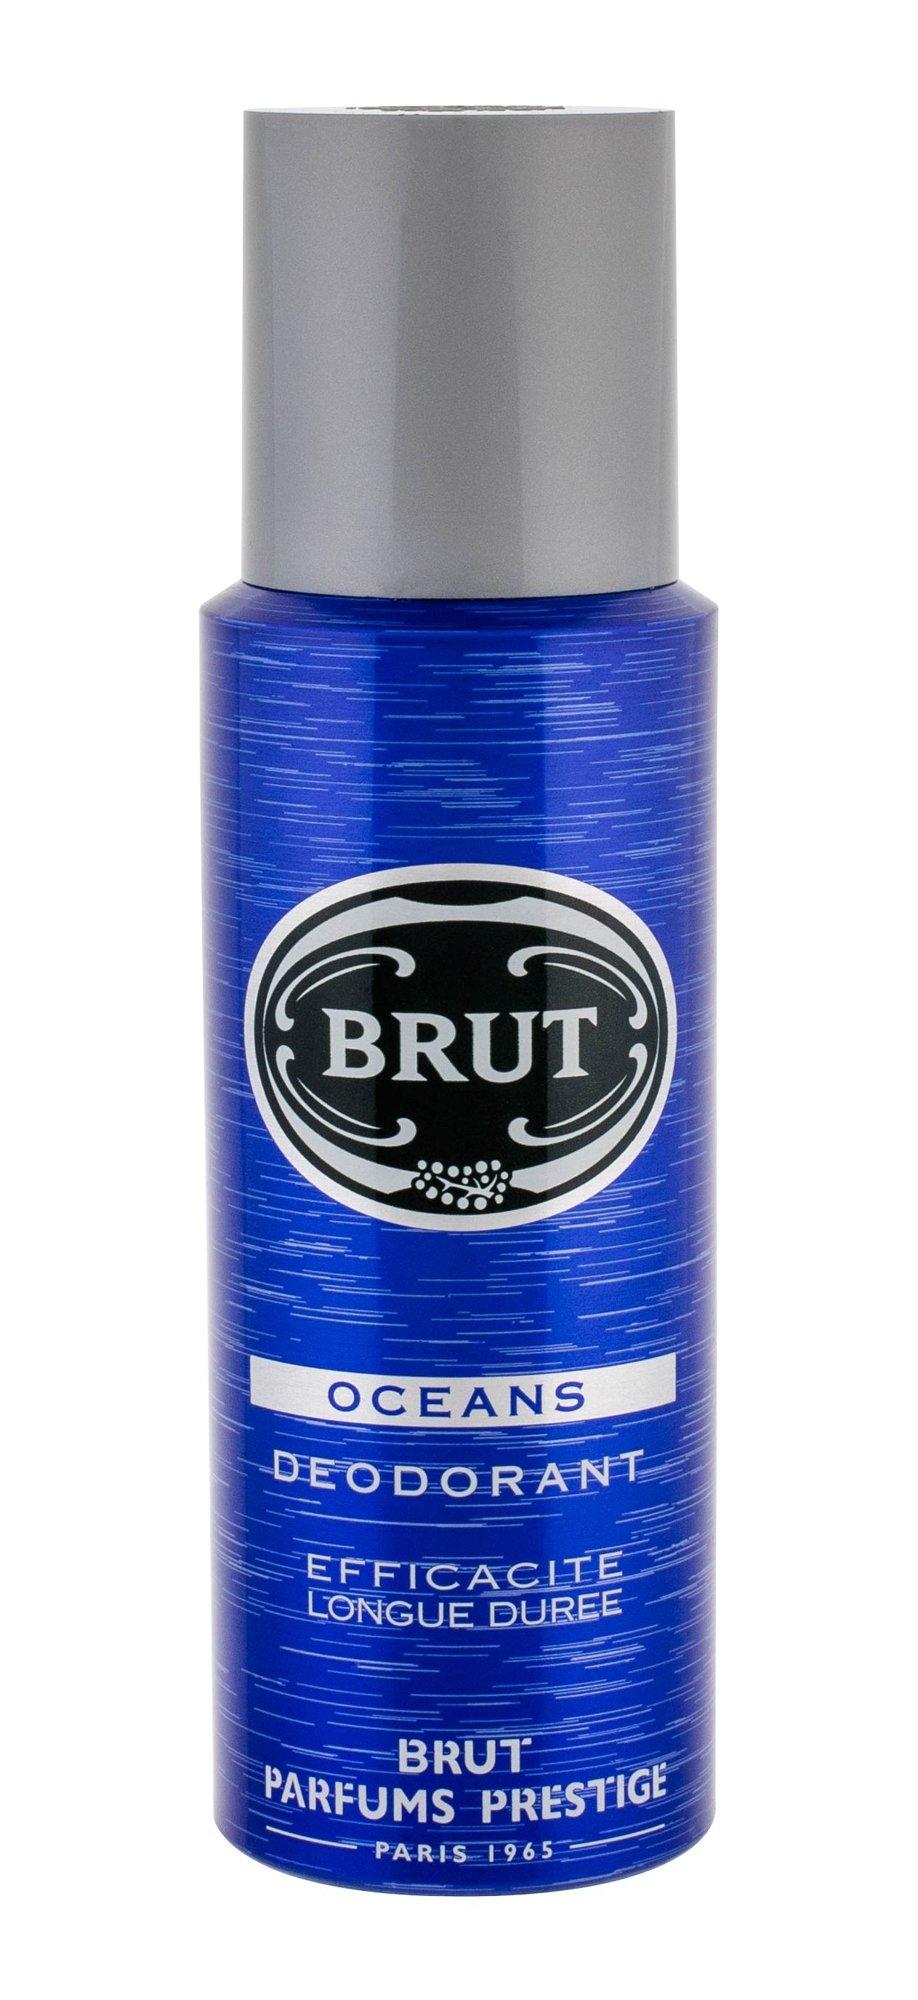 Brut Oceans Deodorant 200ml